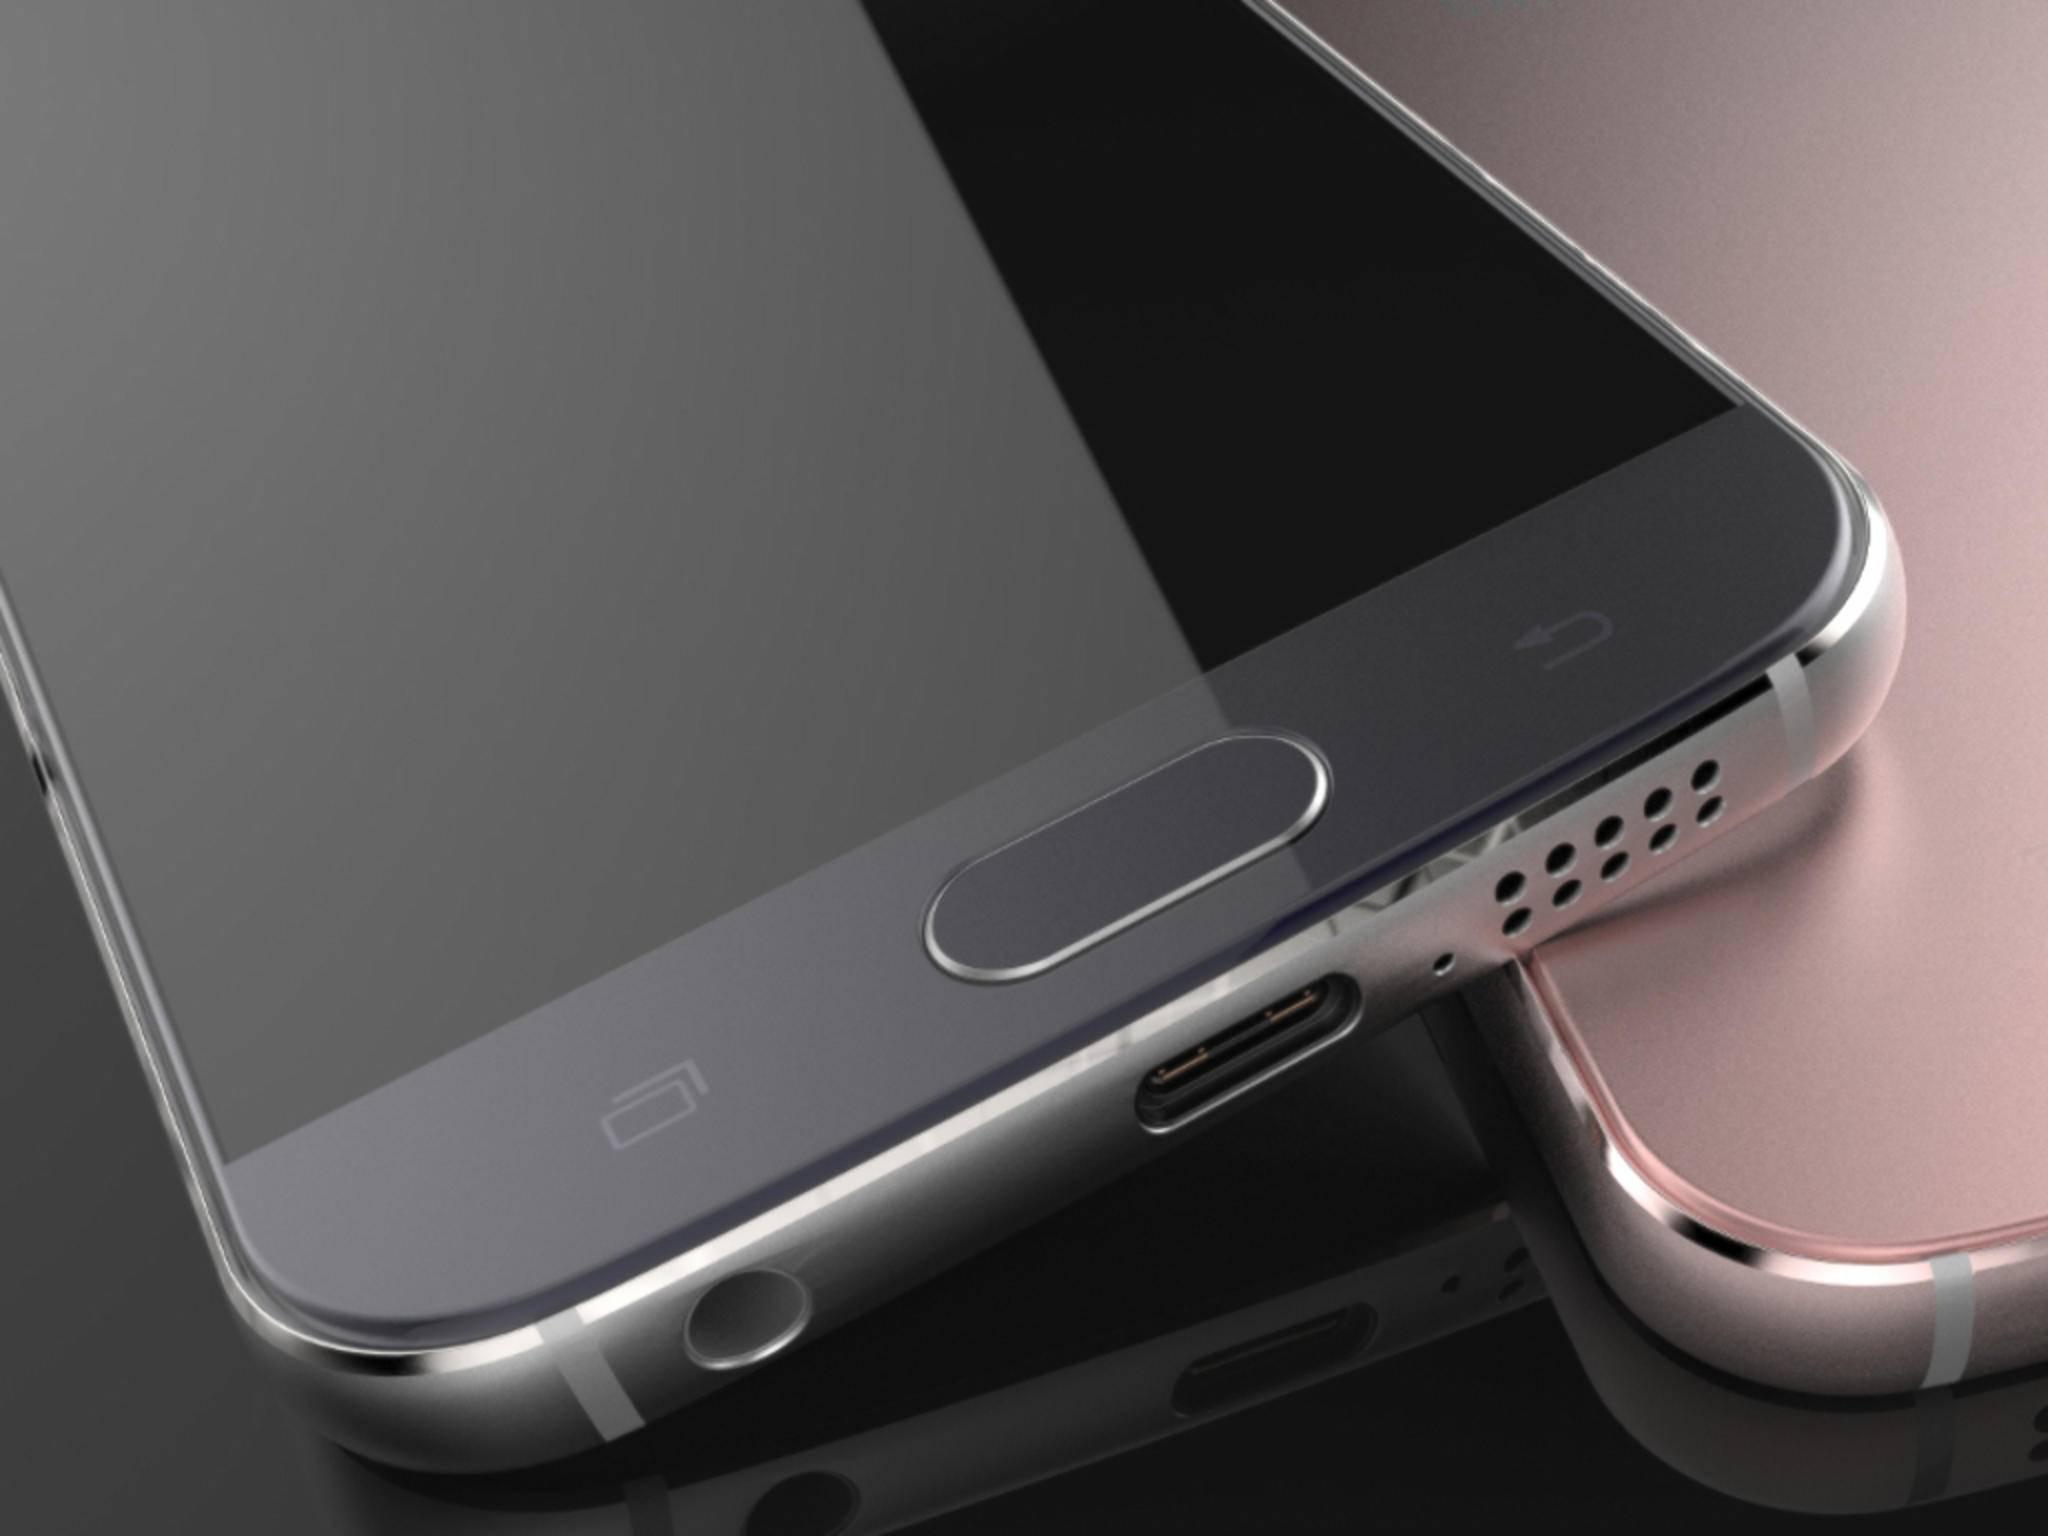 Erfolgt der US-Release des Galaxy S7 am 11. März?